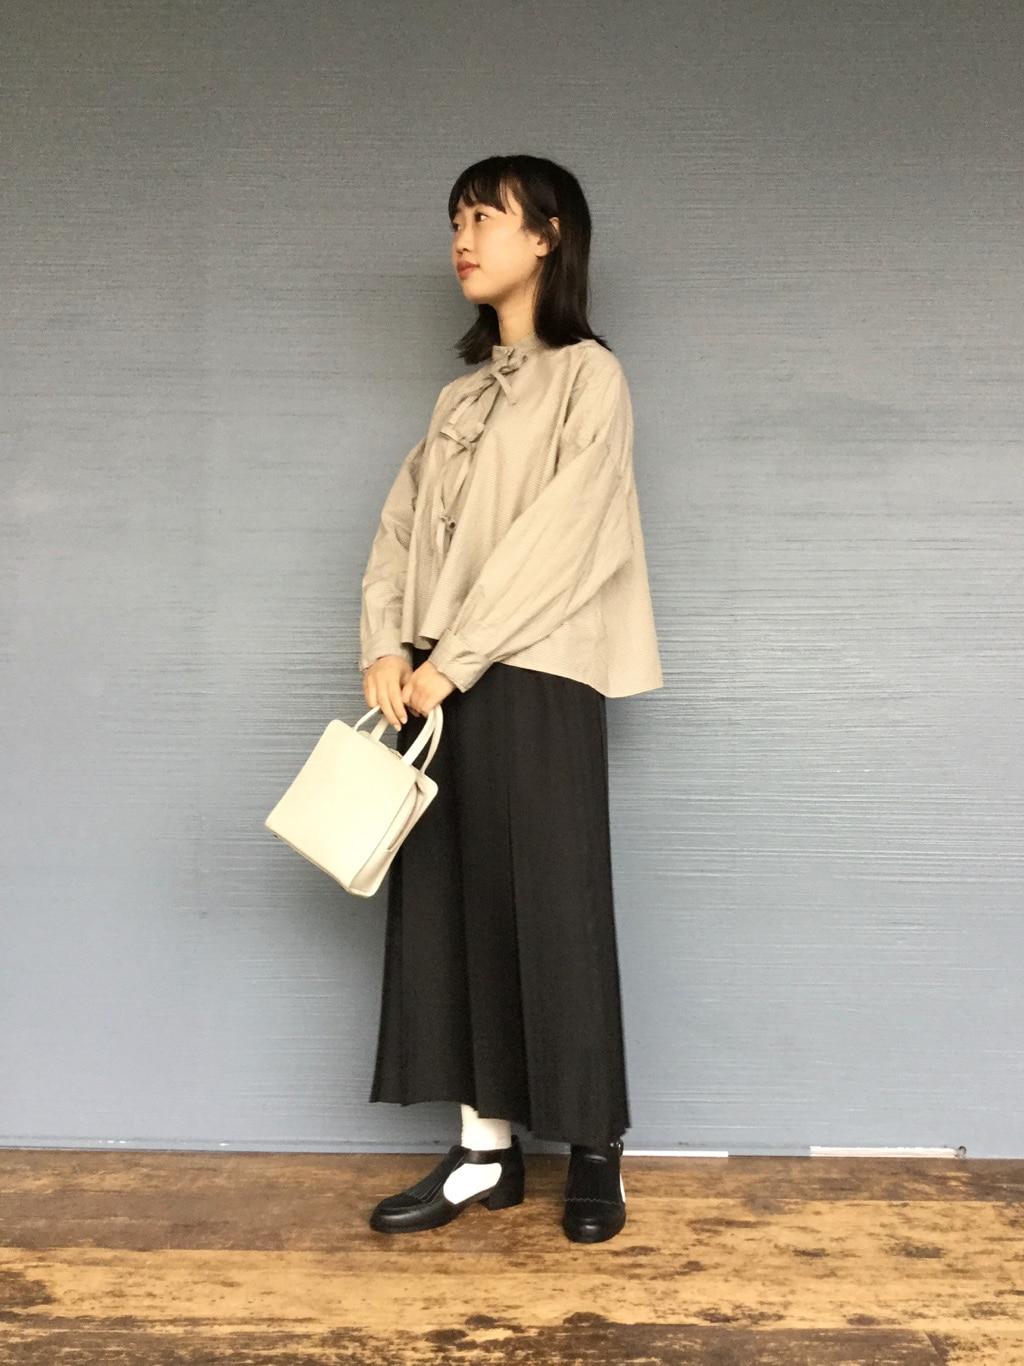 l'atelier du savon 代官山路面 身長:153cm 2020.09.28